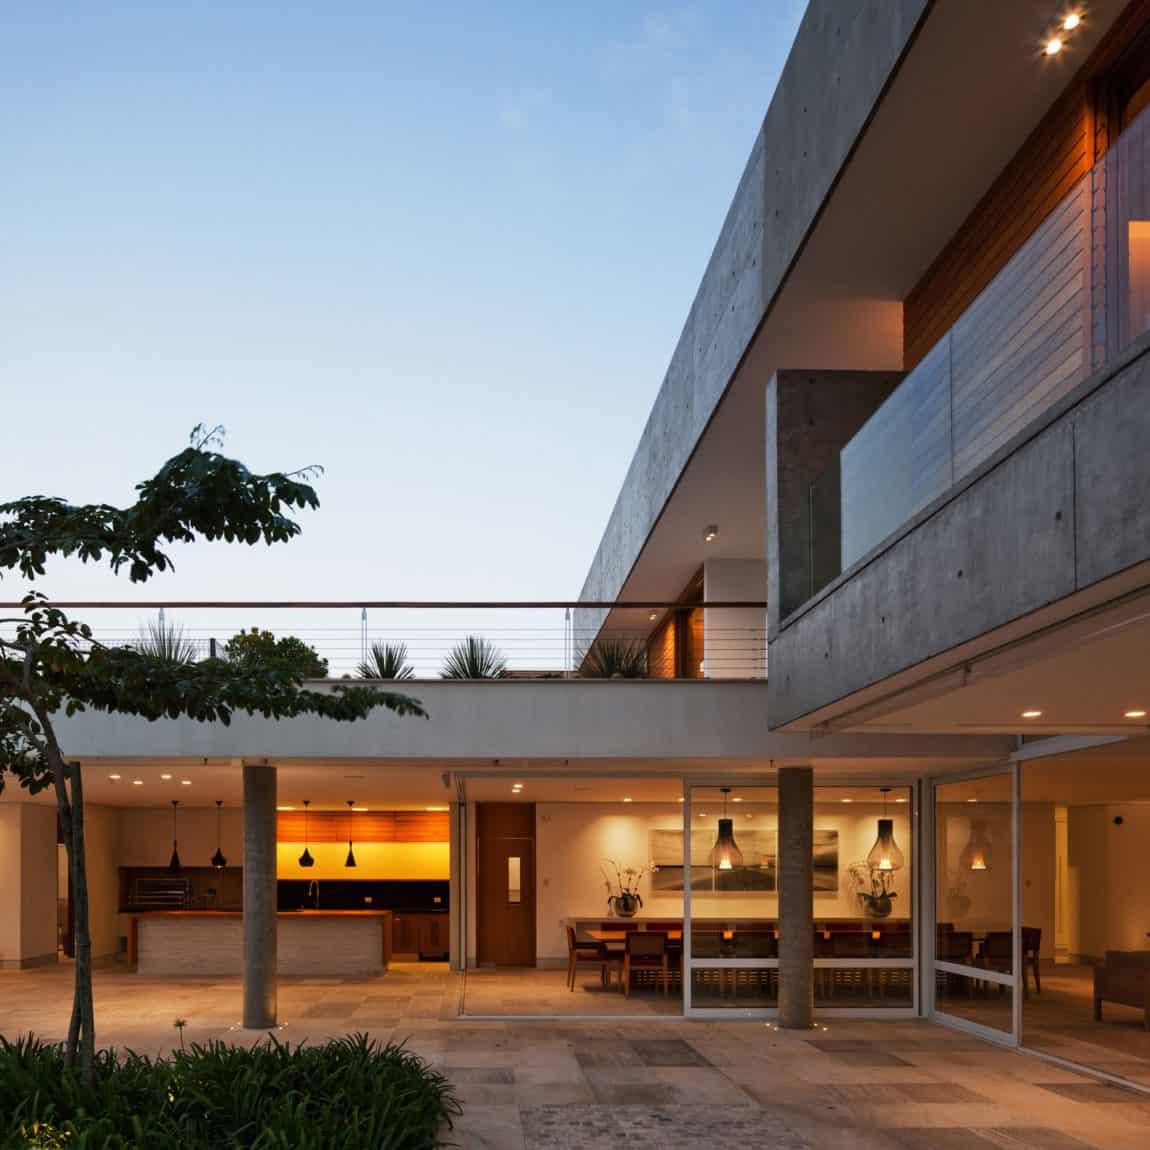 FG Residence by Reinach Mendonça Arquitetos Associados (5)